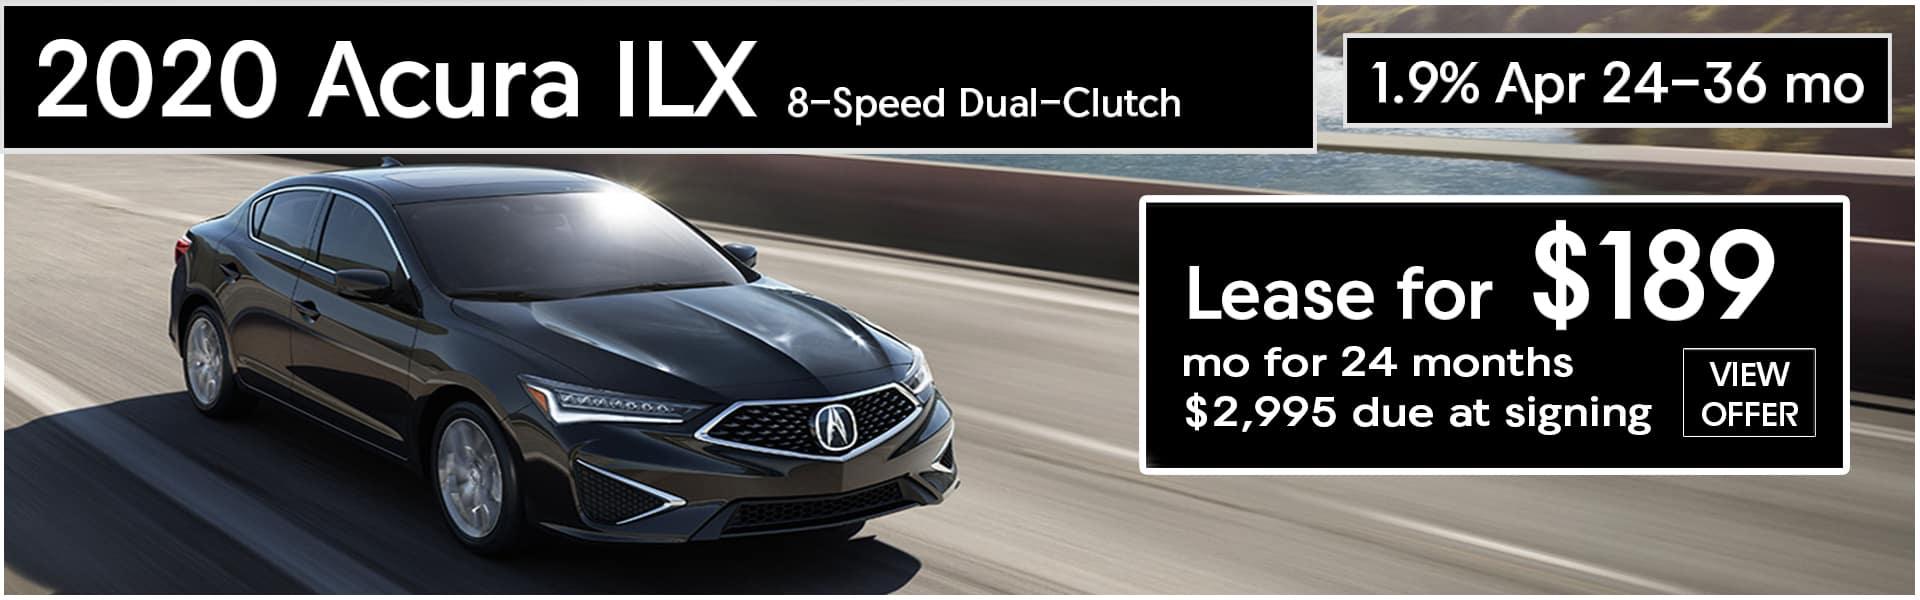 2020 Acura ILX Lease